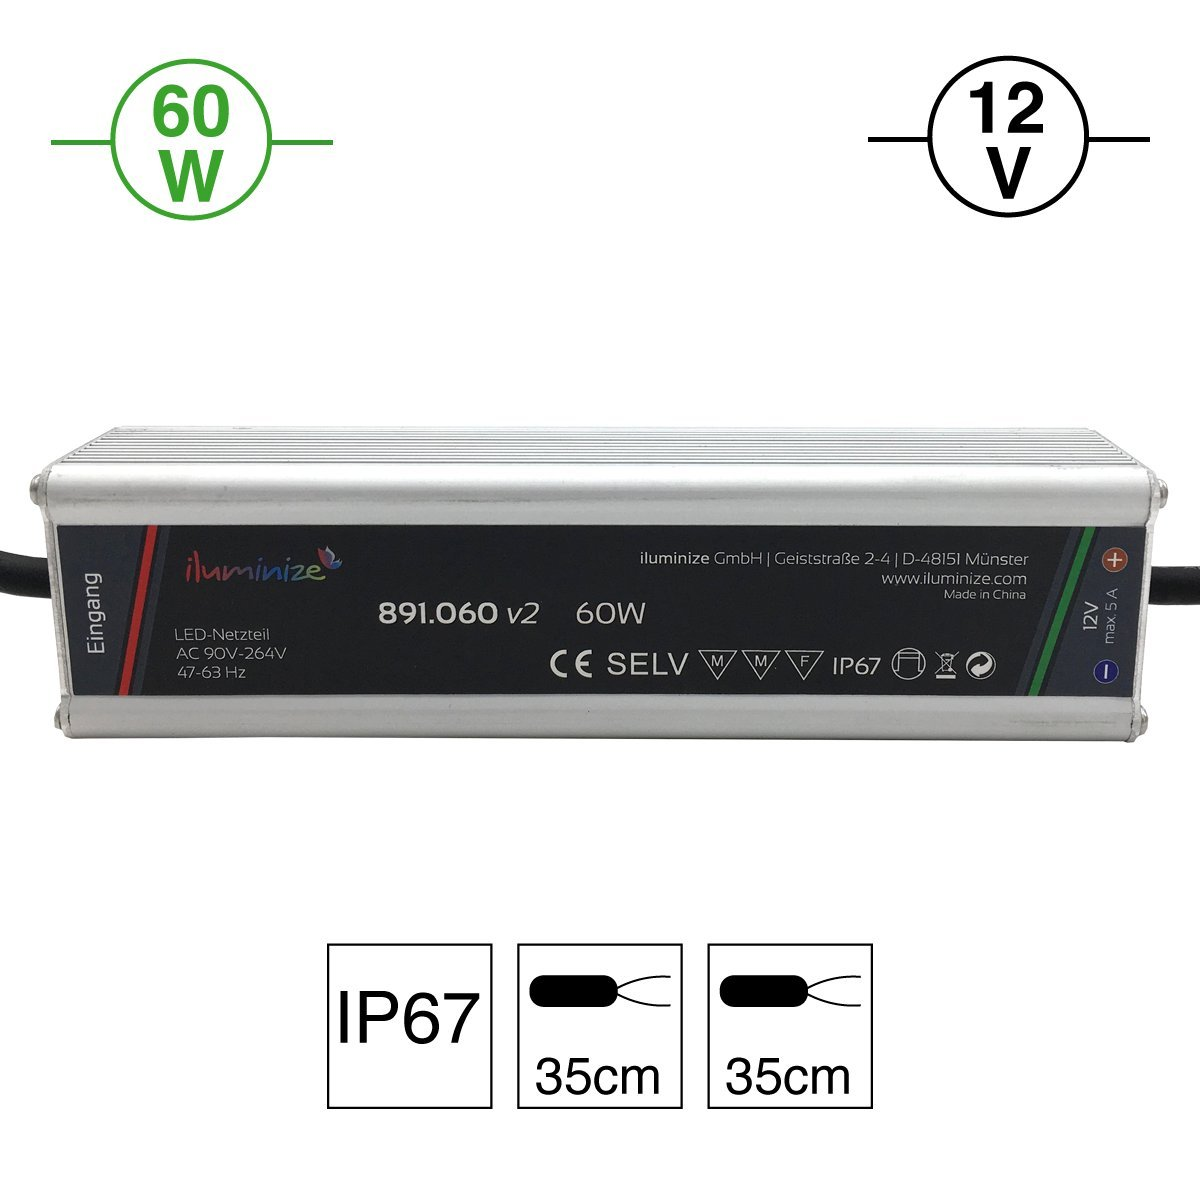 60W IP67 iluminize LED-Netzteil: hochwertiges /& leistungsstarkes LED-Netzteil Aluminium 12V laststabil Anschlusskabel 35cm ohne Stecker 12V 60W